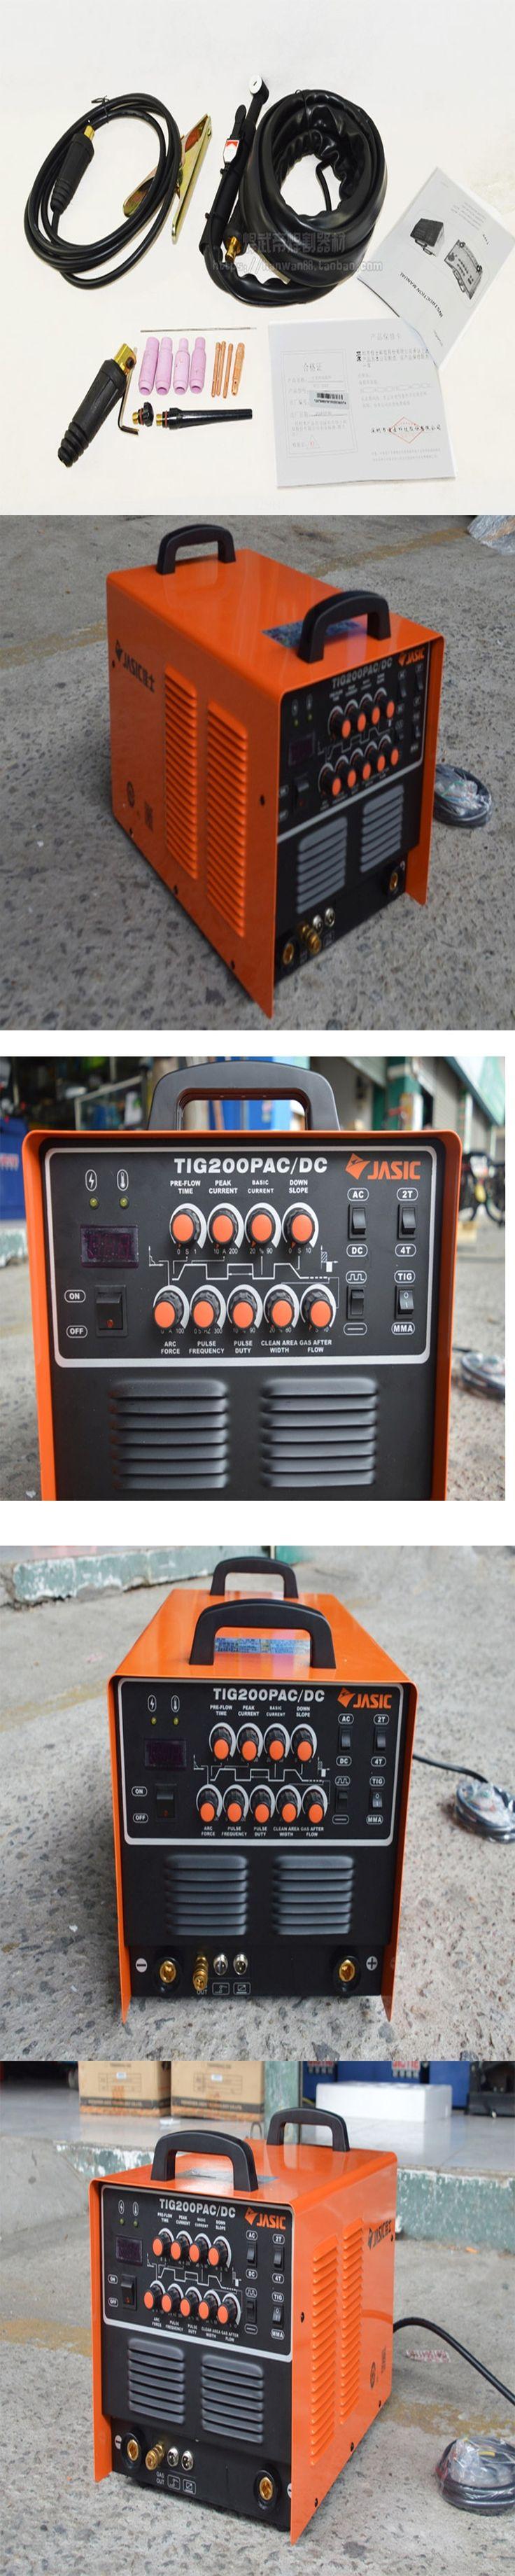 High Quality JASIC WSE-200P TIG200P AC/DC TIG/MMA Square Wave Pulse Inverter Welder 220-240V